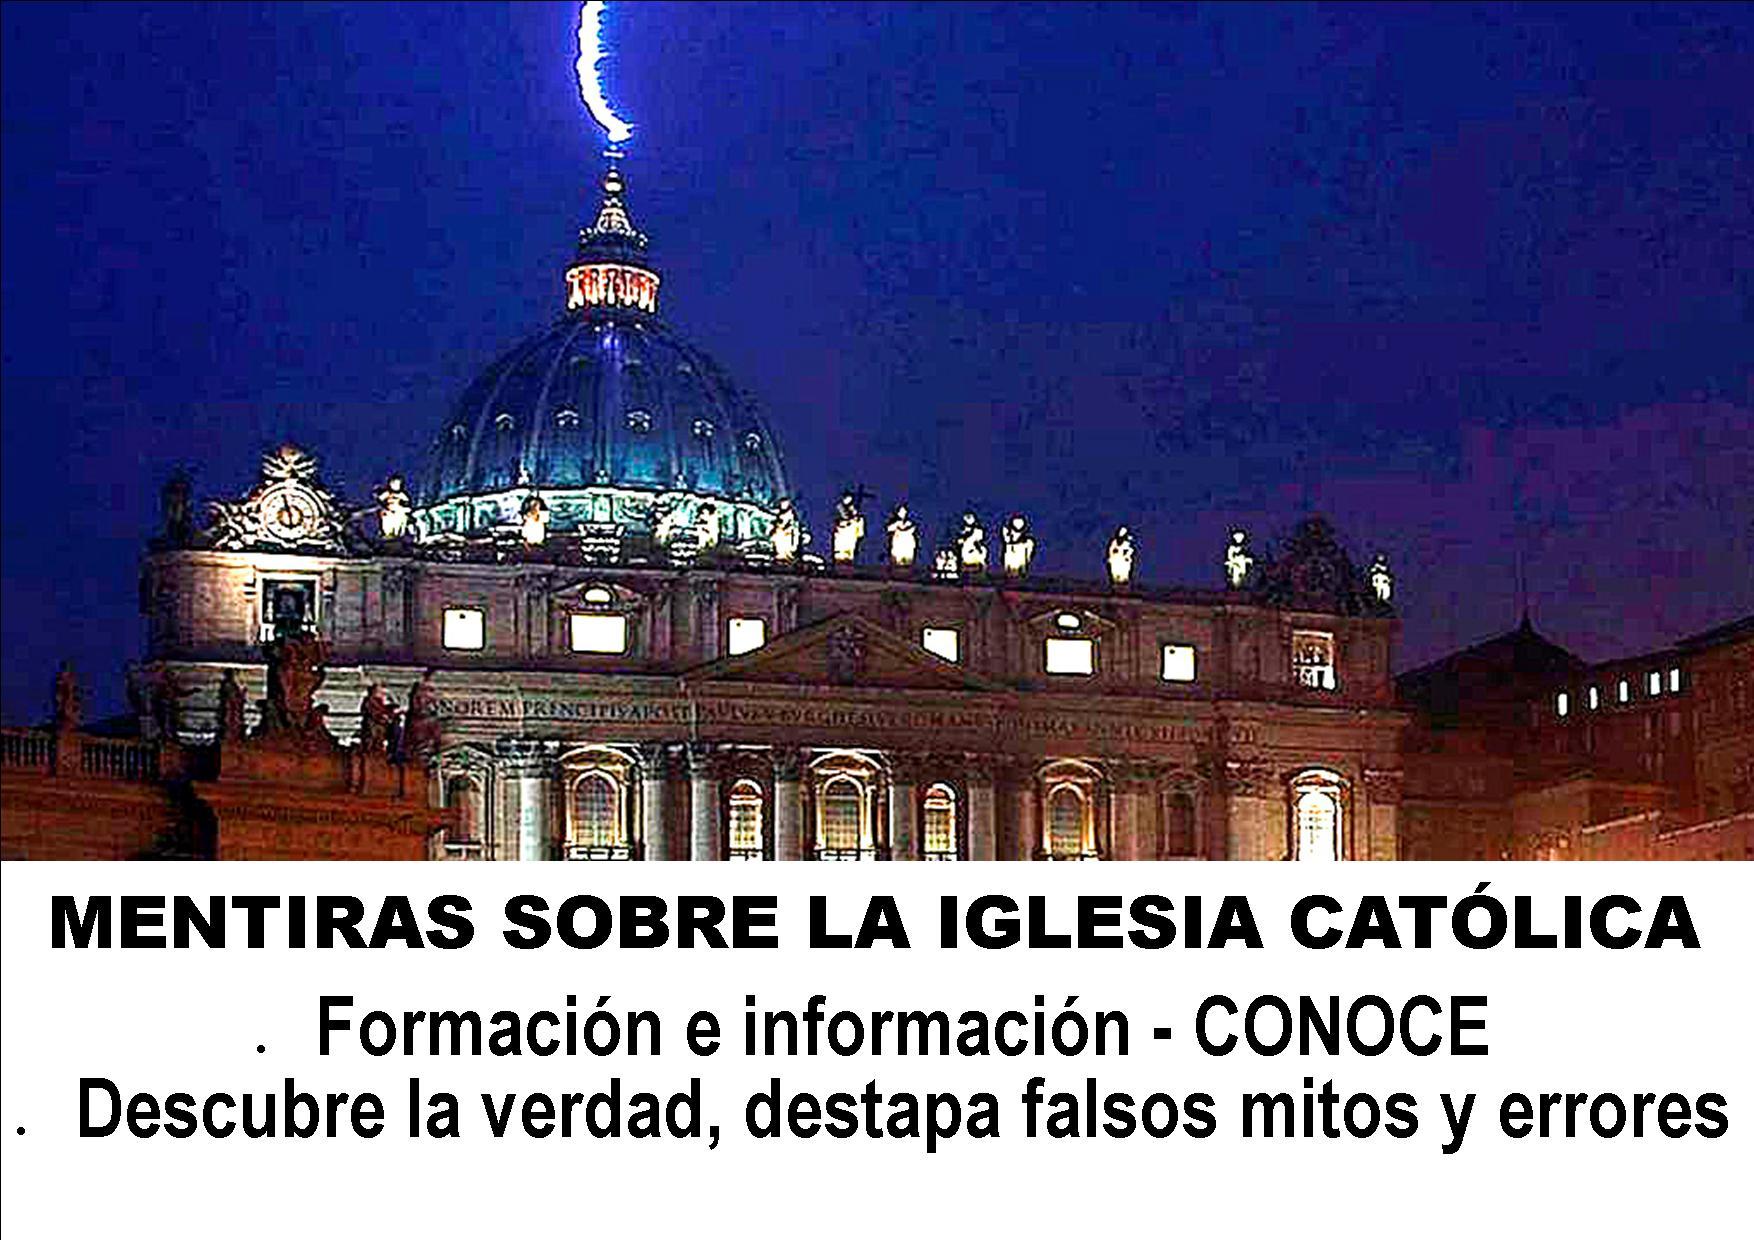 MSLICATOLICA: Formación e información sobre la Iglesia Católica.